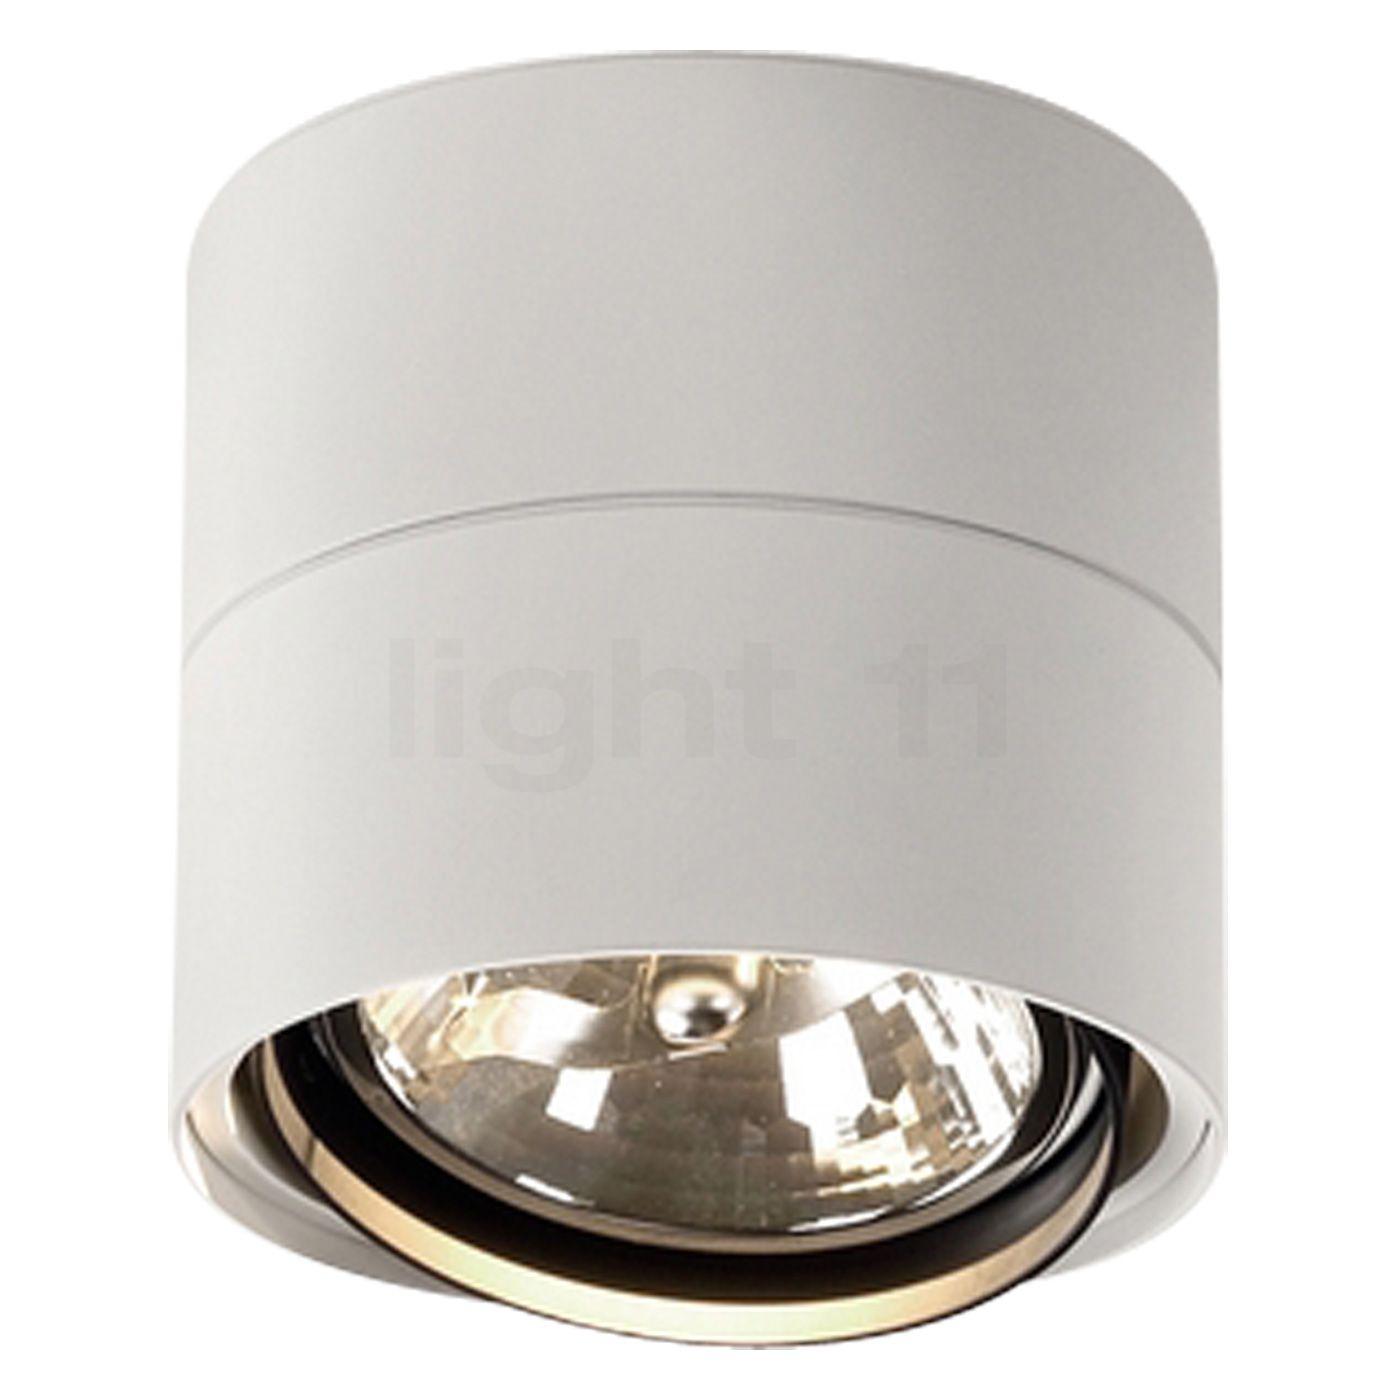 Delta Light Link 111 Strahler und Spot kaufen bei light11.de